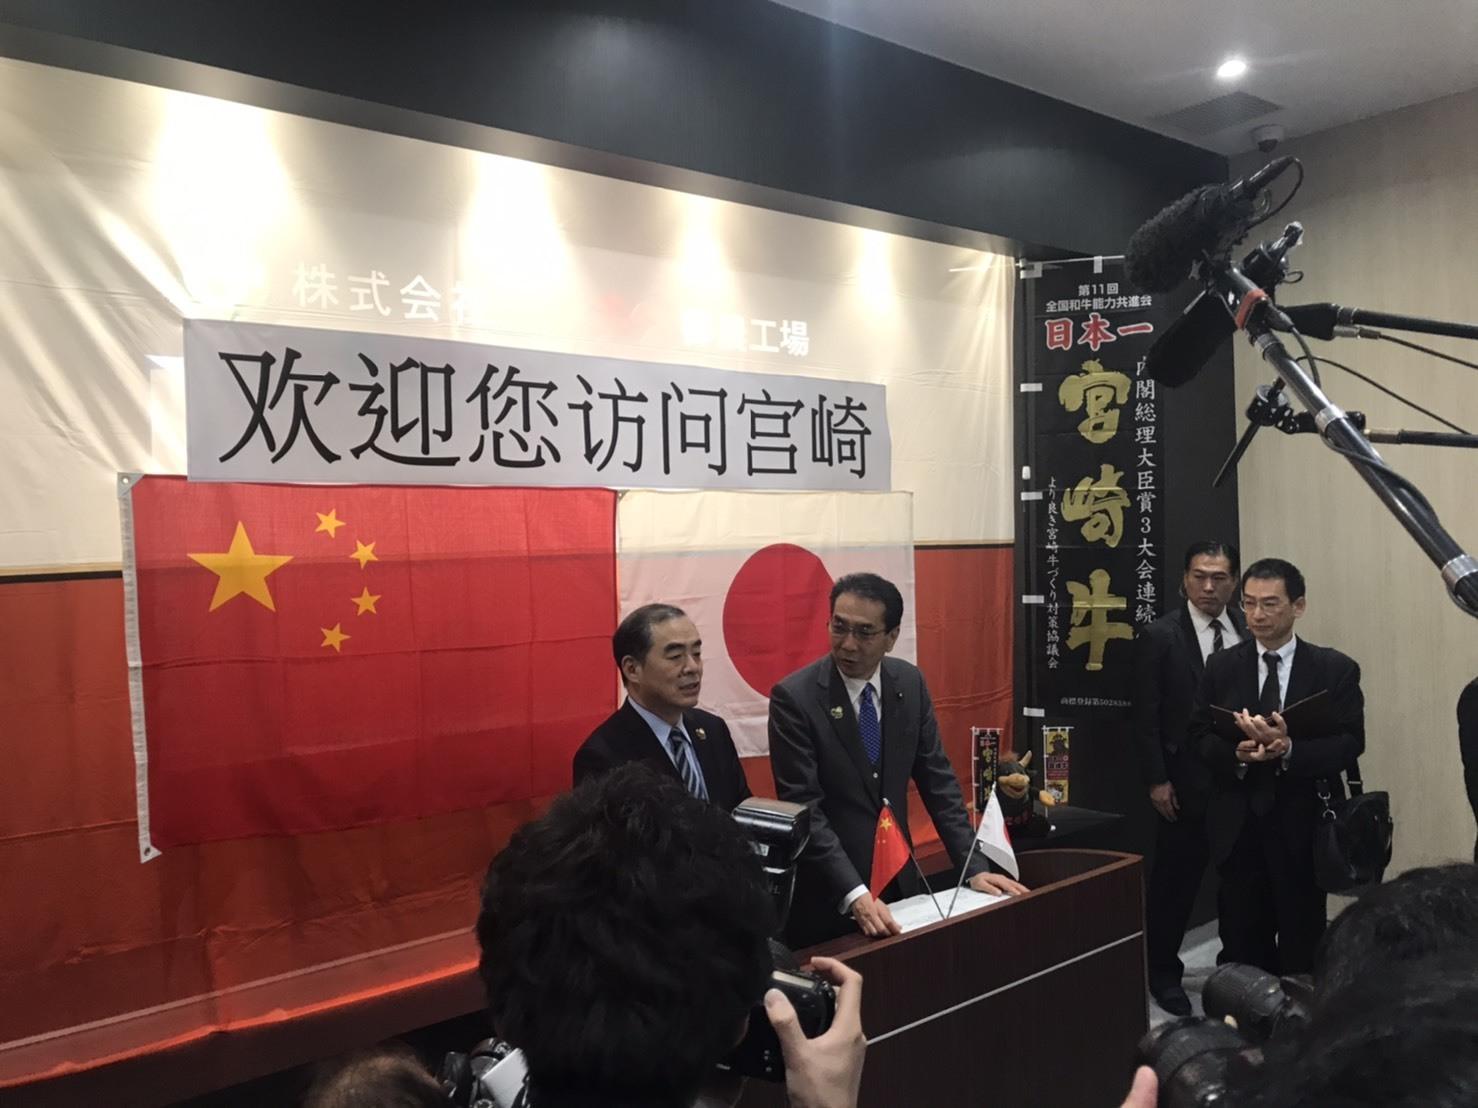 中国大使ミヤチク視察&スマート農業視察_a0143152_20424523.jpeg